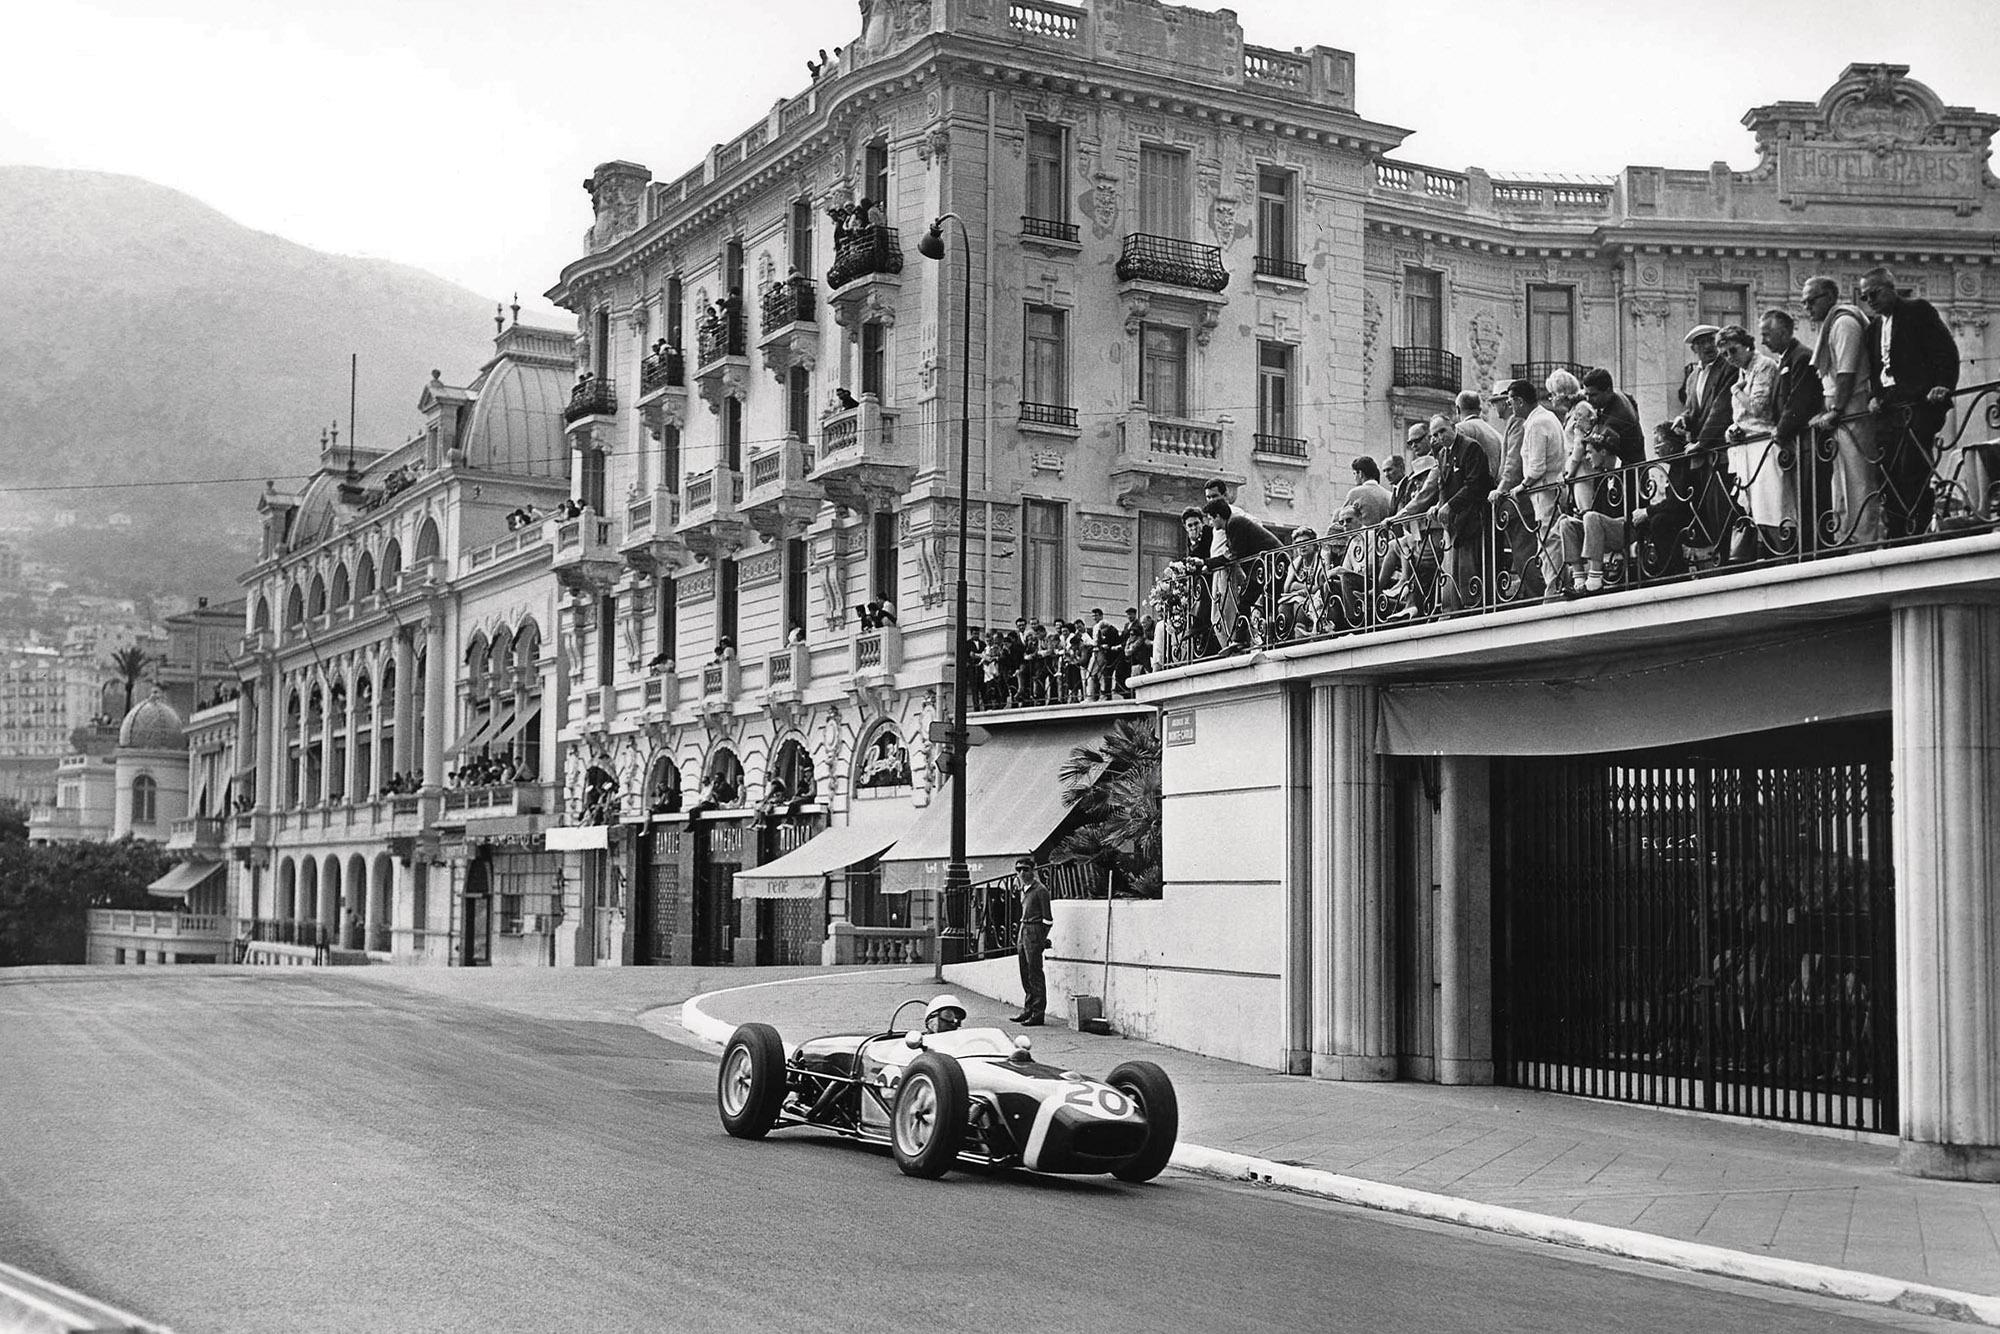 Stirling Moss in the 1961 Monaco Grand Prix